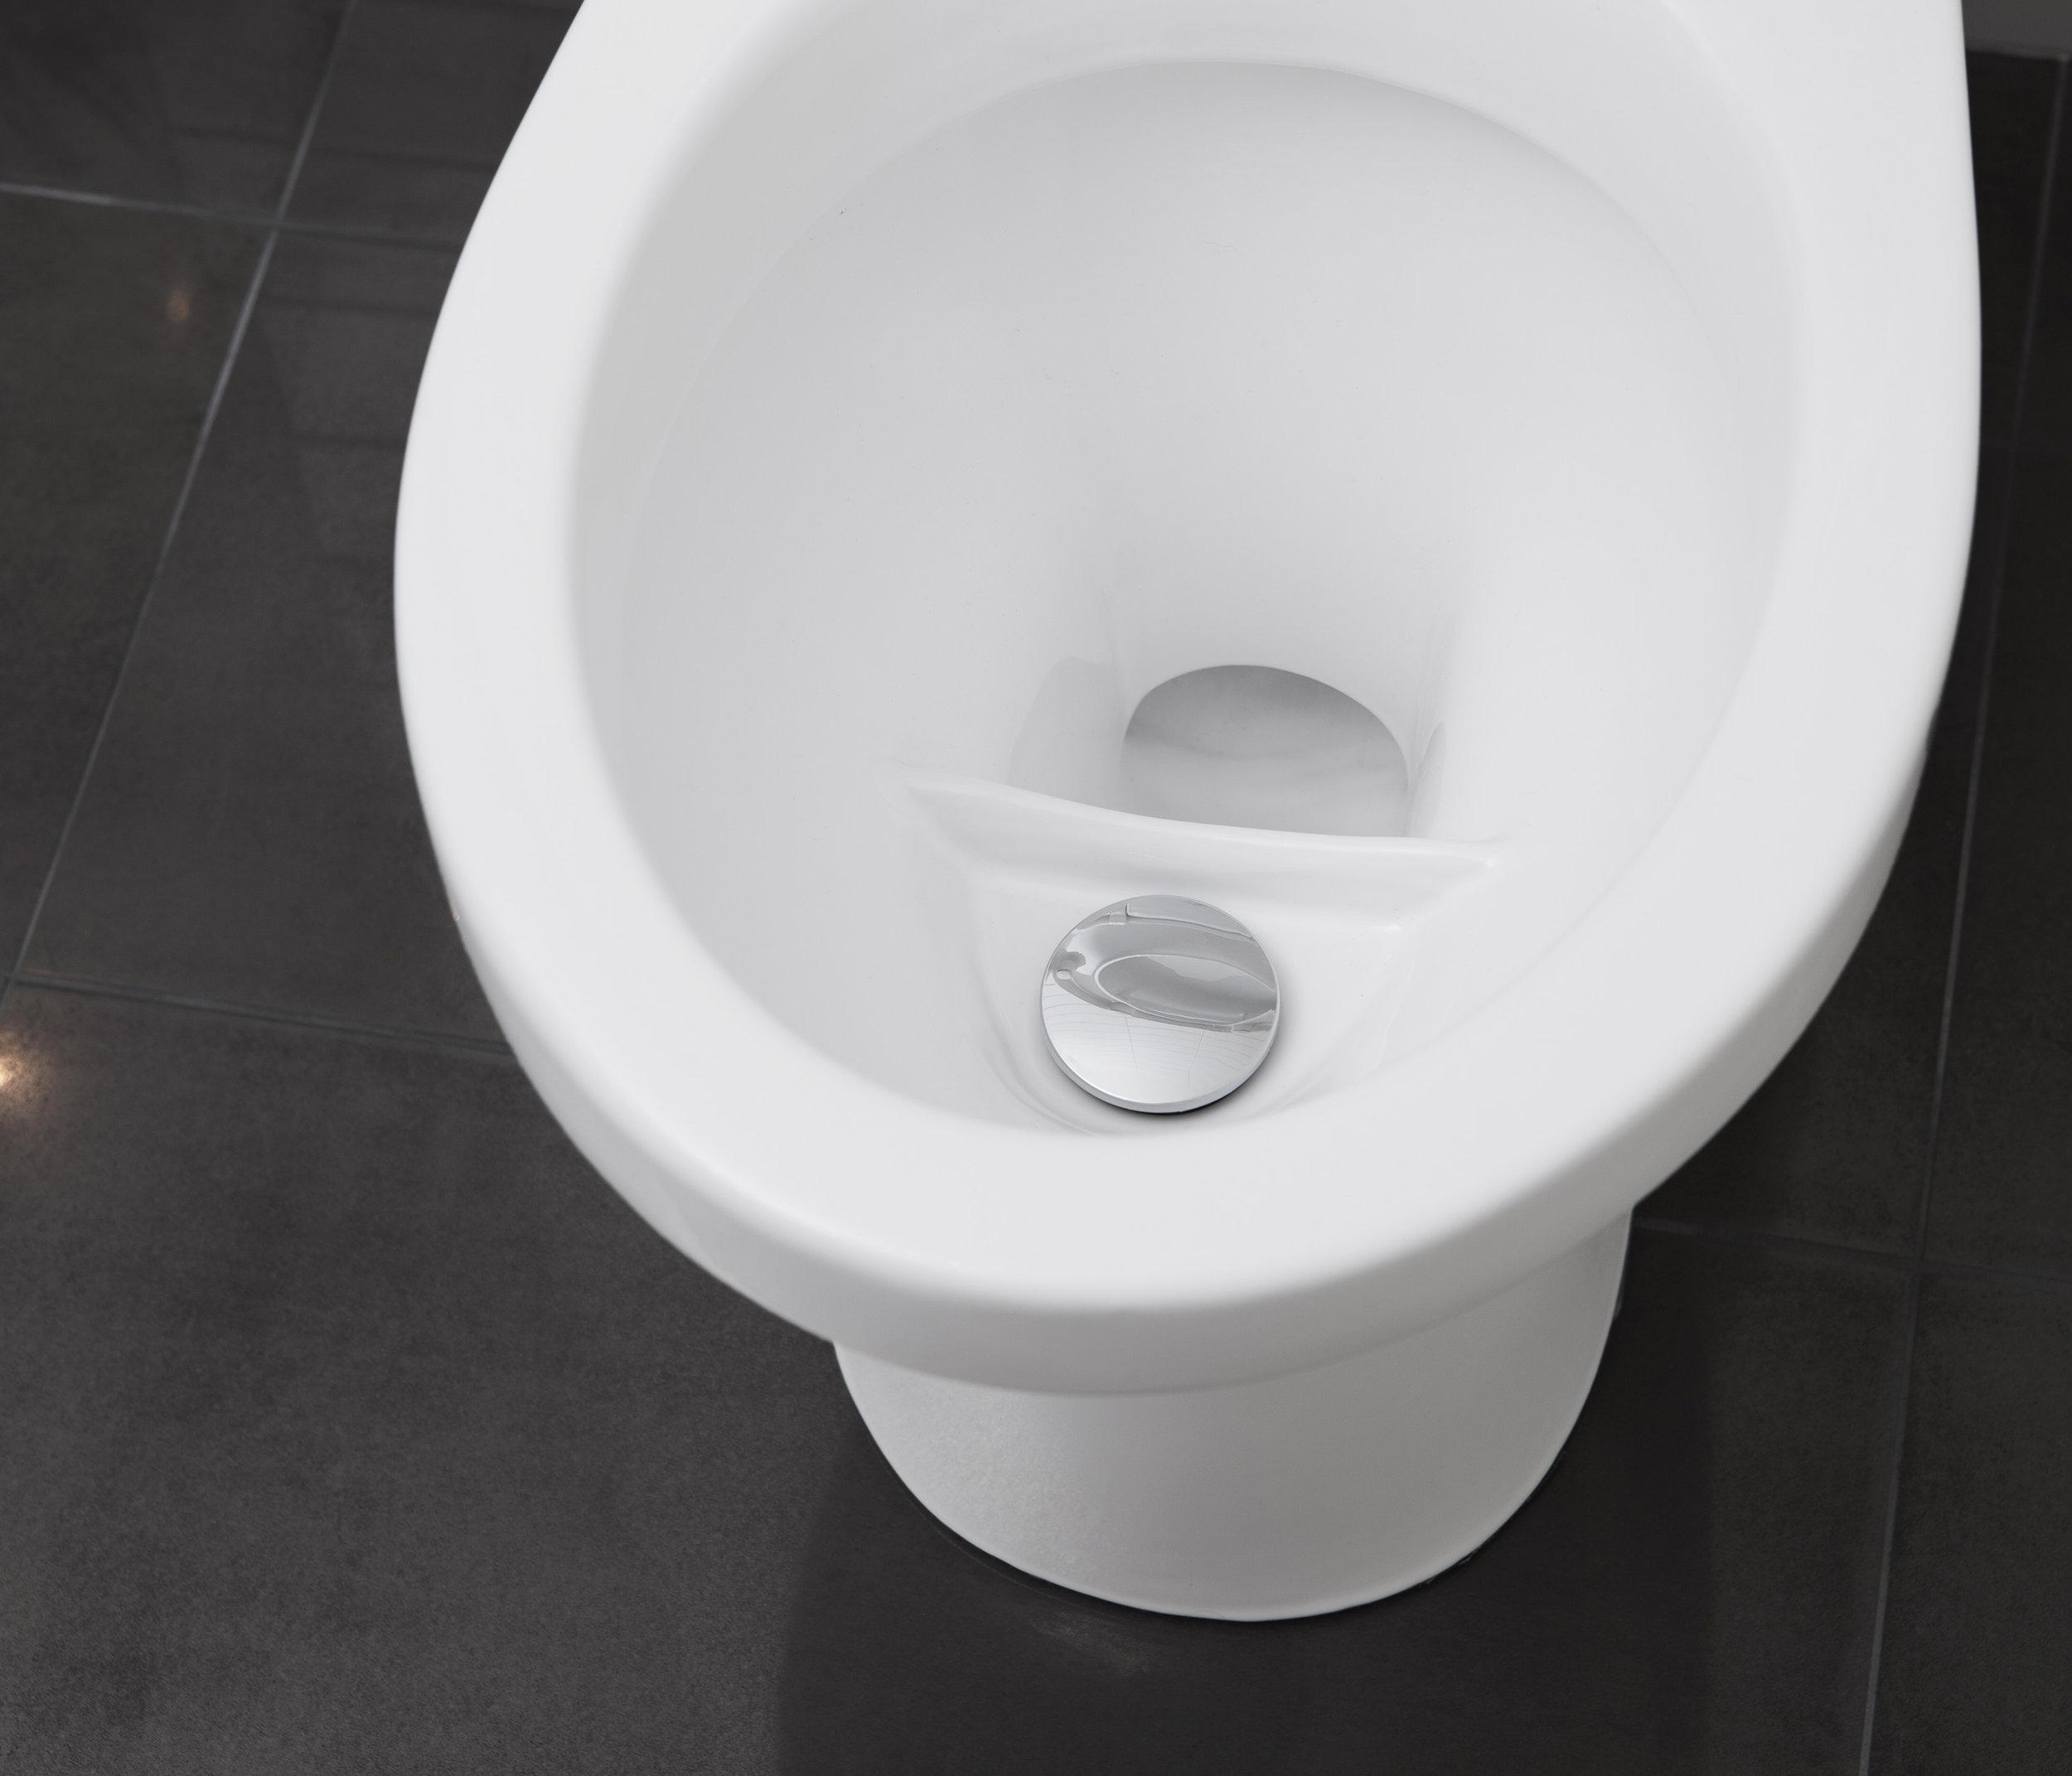 Den dubbelspolande WC:n med unik design och funktion! - EcoFlush™ unika design delar upp urinen till den främre delen och gör det möjligt att förbruka extremt lite vatten.> Ladda ner broschyr> Ladda ner manual